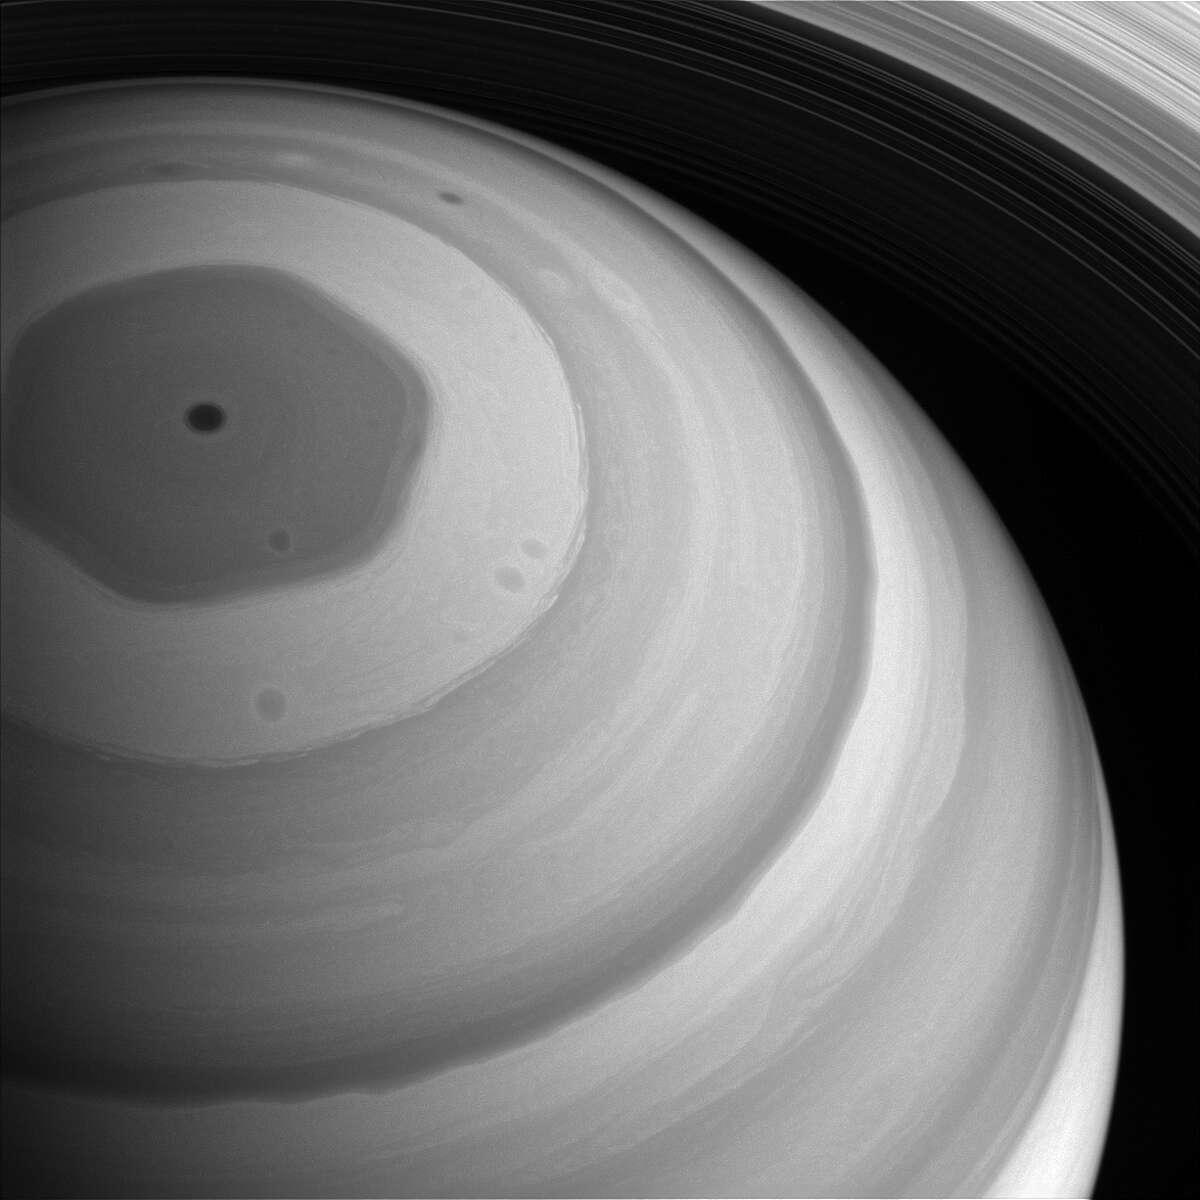 Saturn's north pole Date taken: December 26, 2016